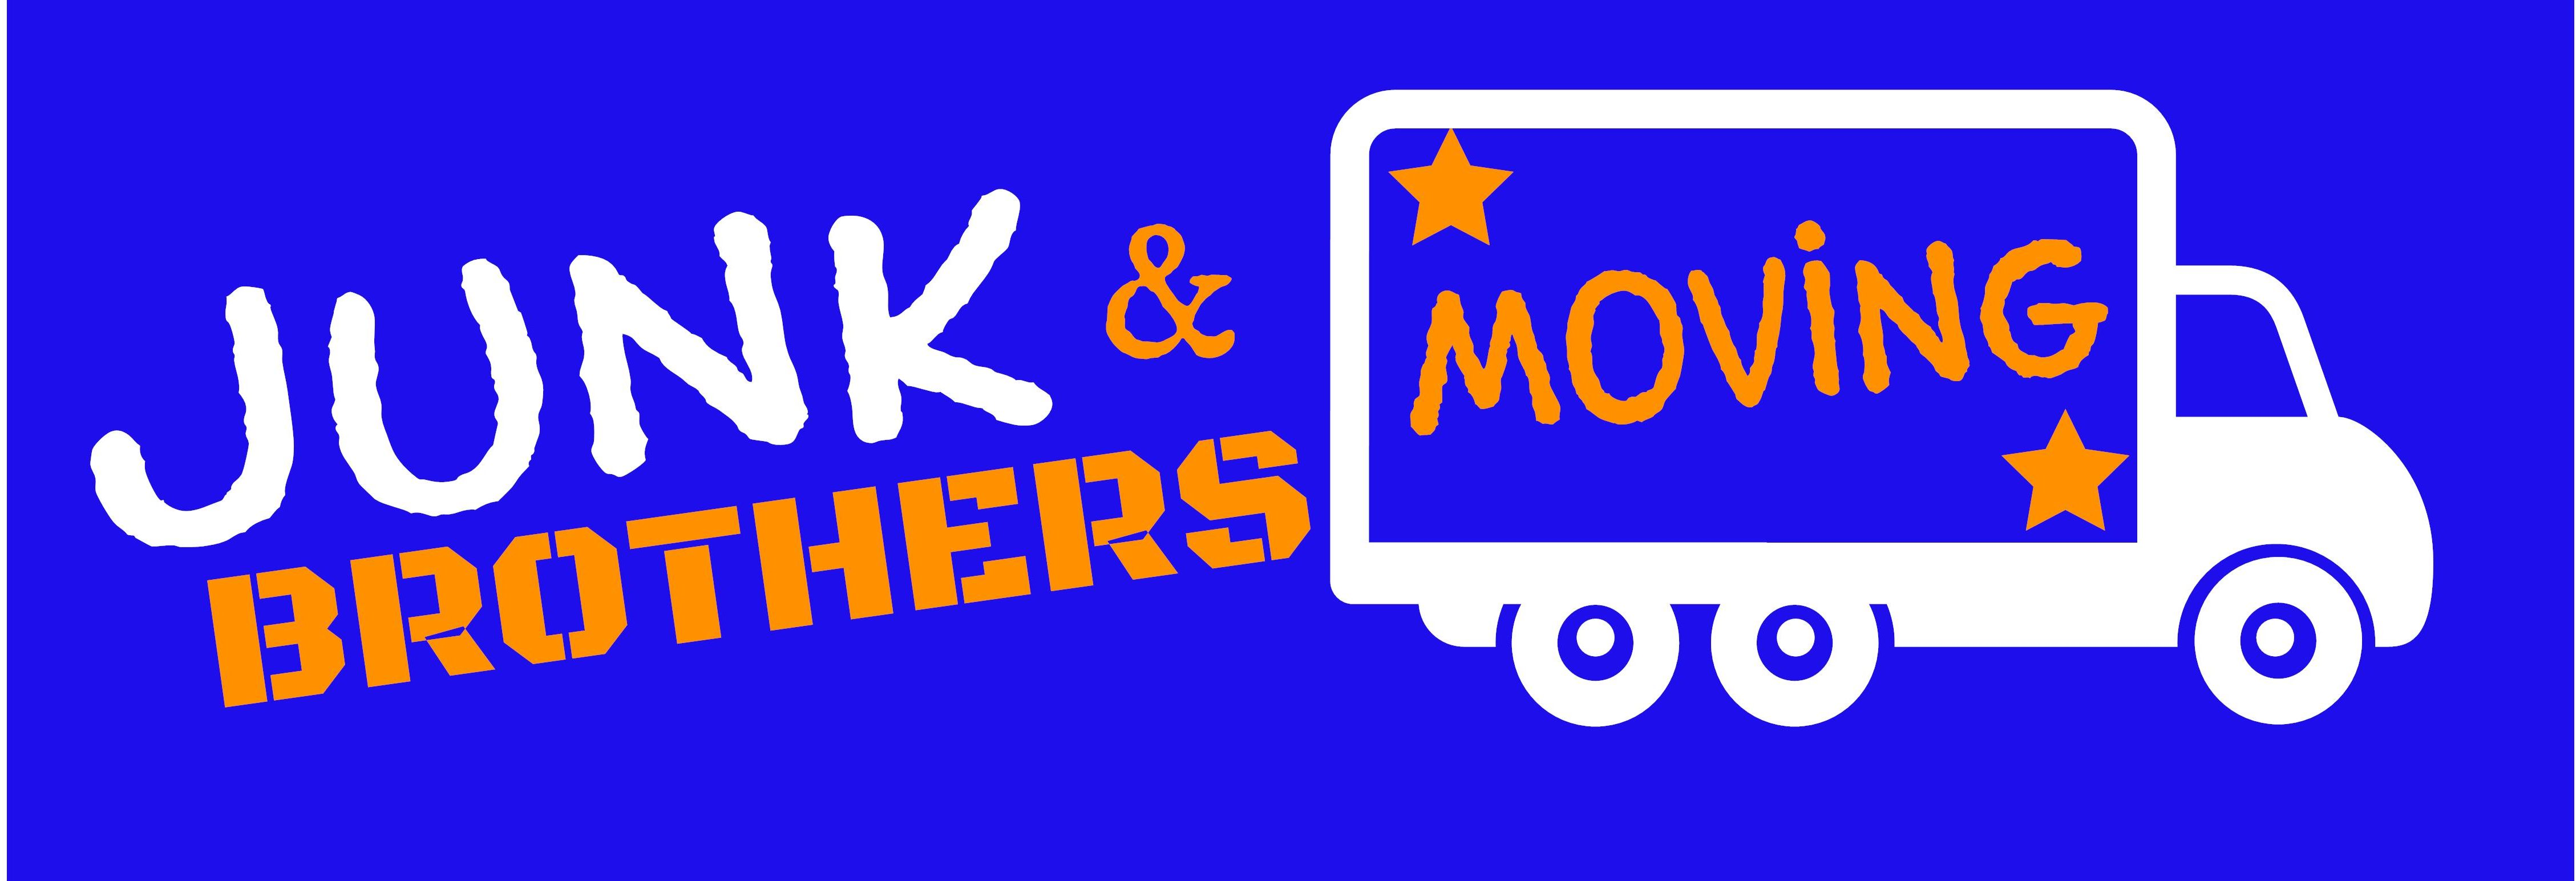 Junk Brothers Junk Removal & Moving Rio Rancho Logo